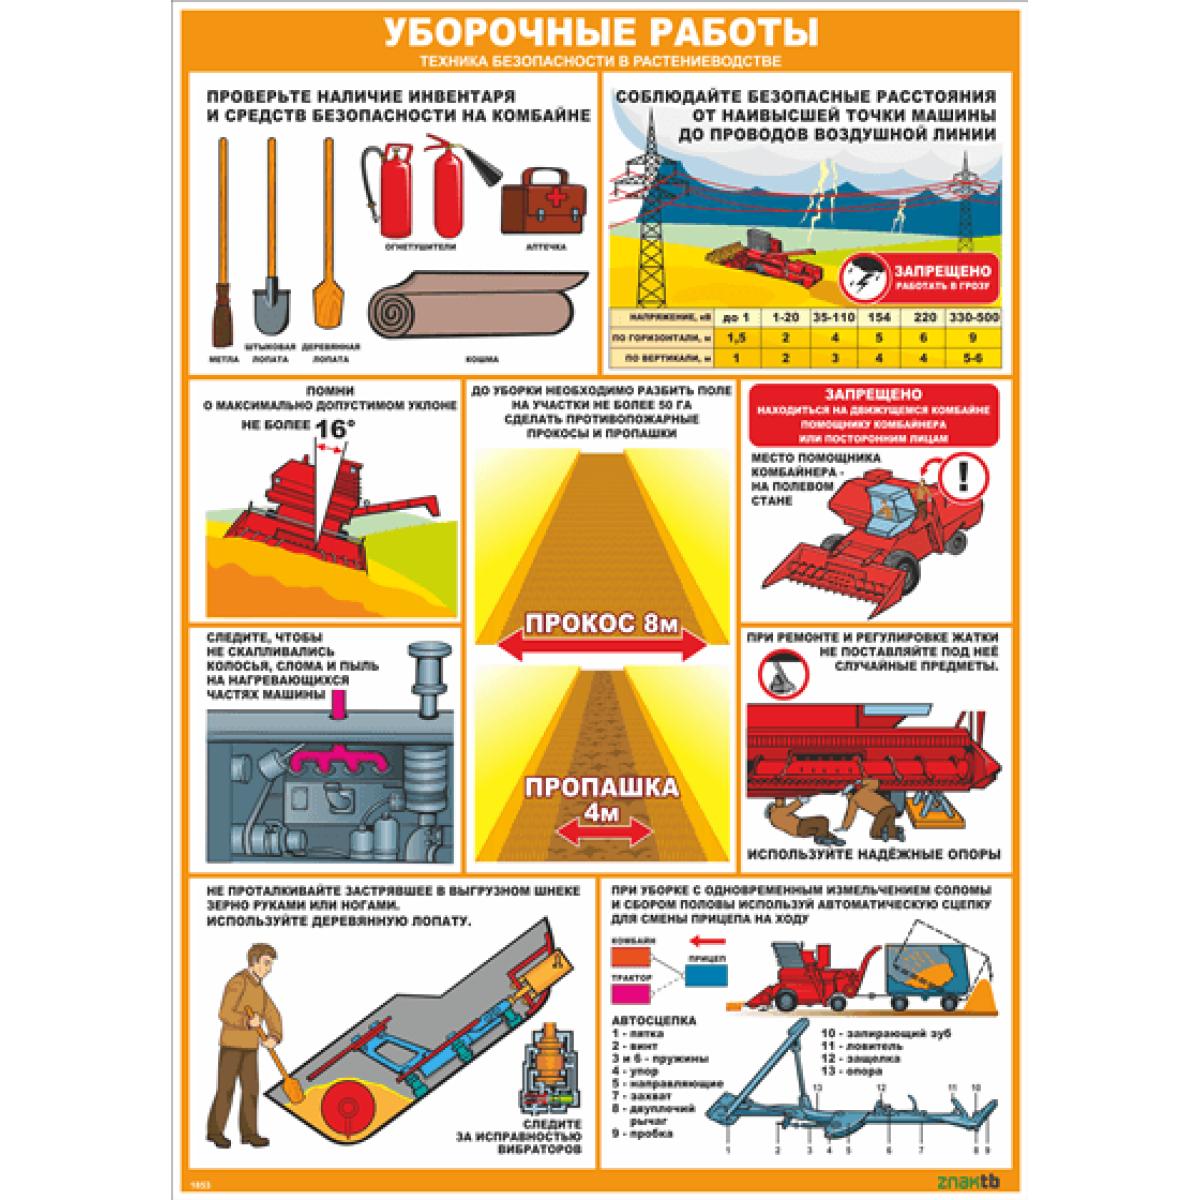 Стенд-плакат Уборочные работы. Техника безопасности в растениеводстве